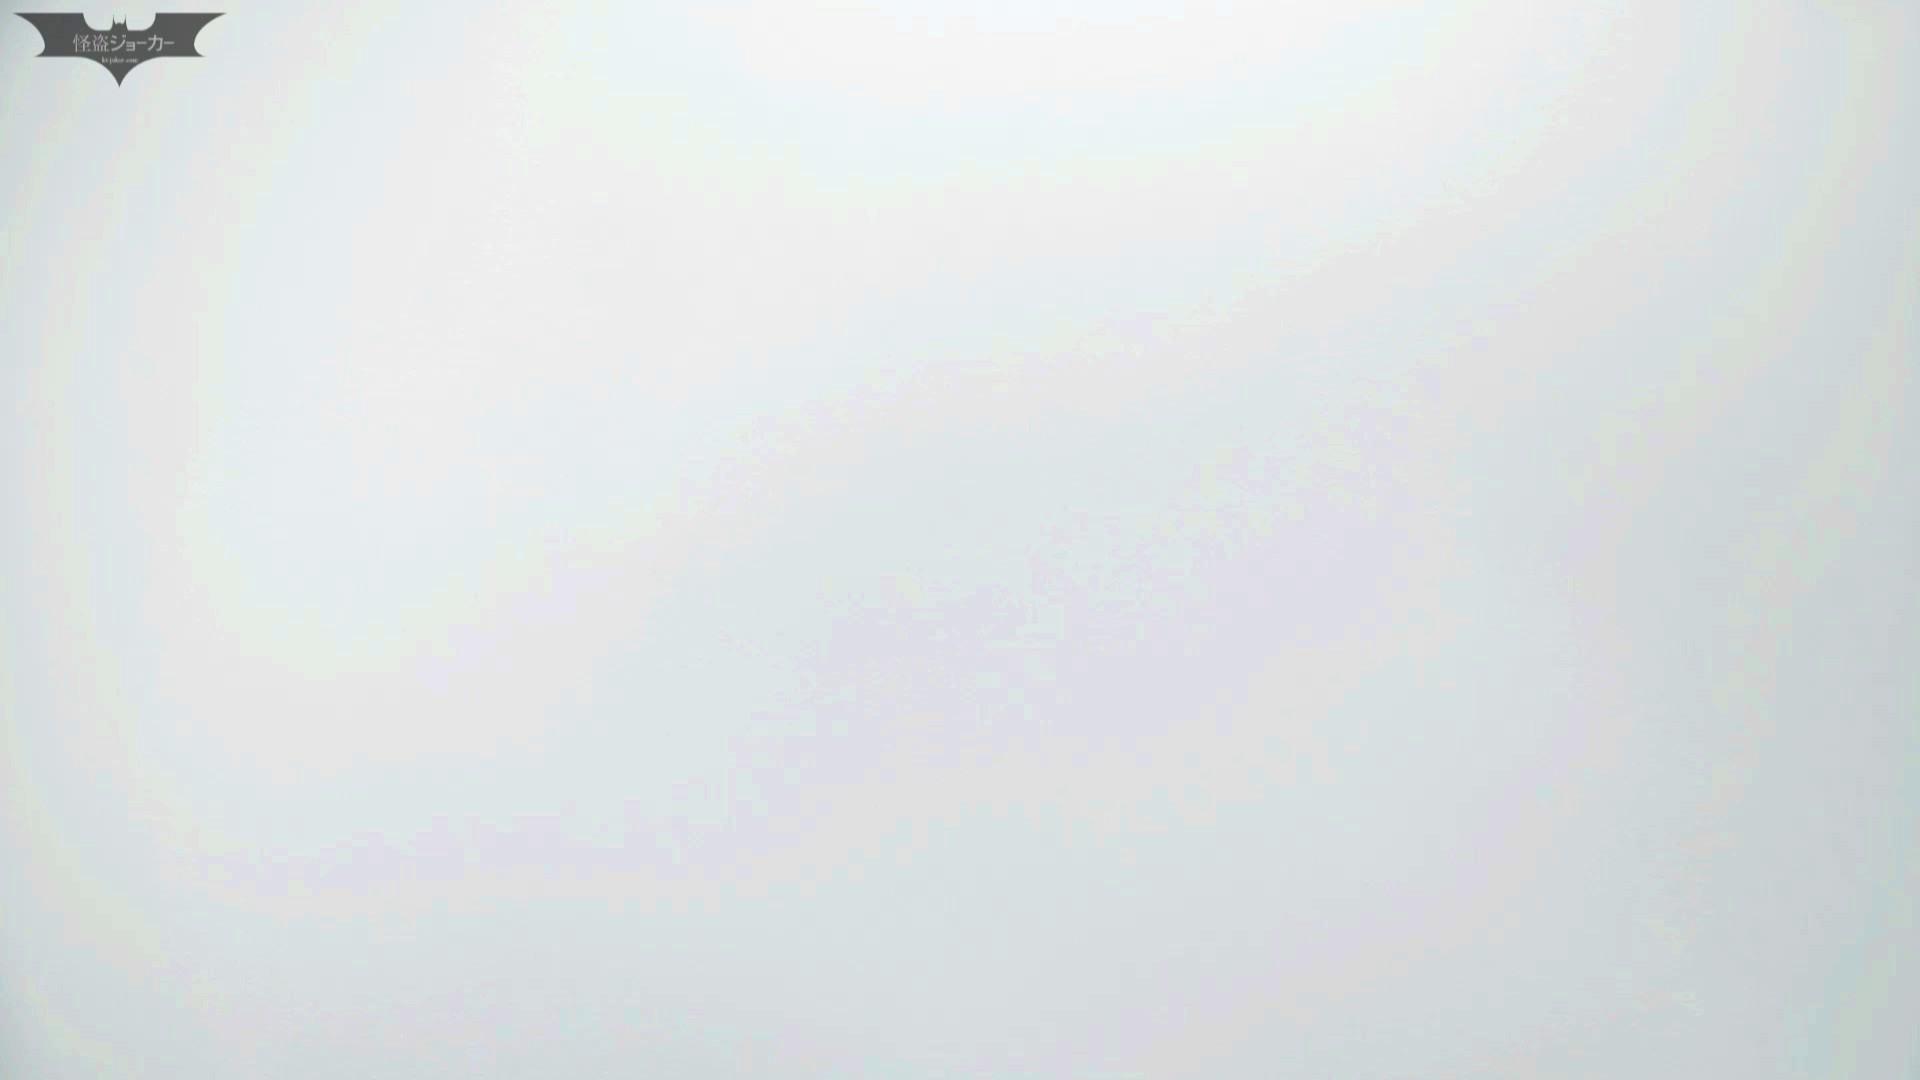 下からノゾム vol.018 スタイルいい子に、ついついて入っちゃった。 OL  95pic 17